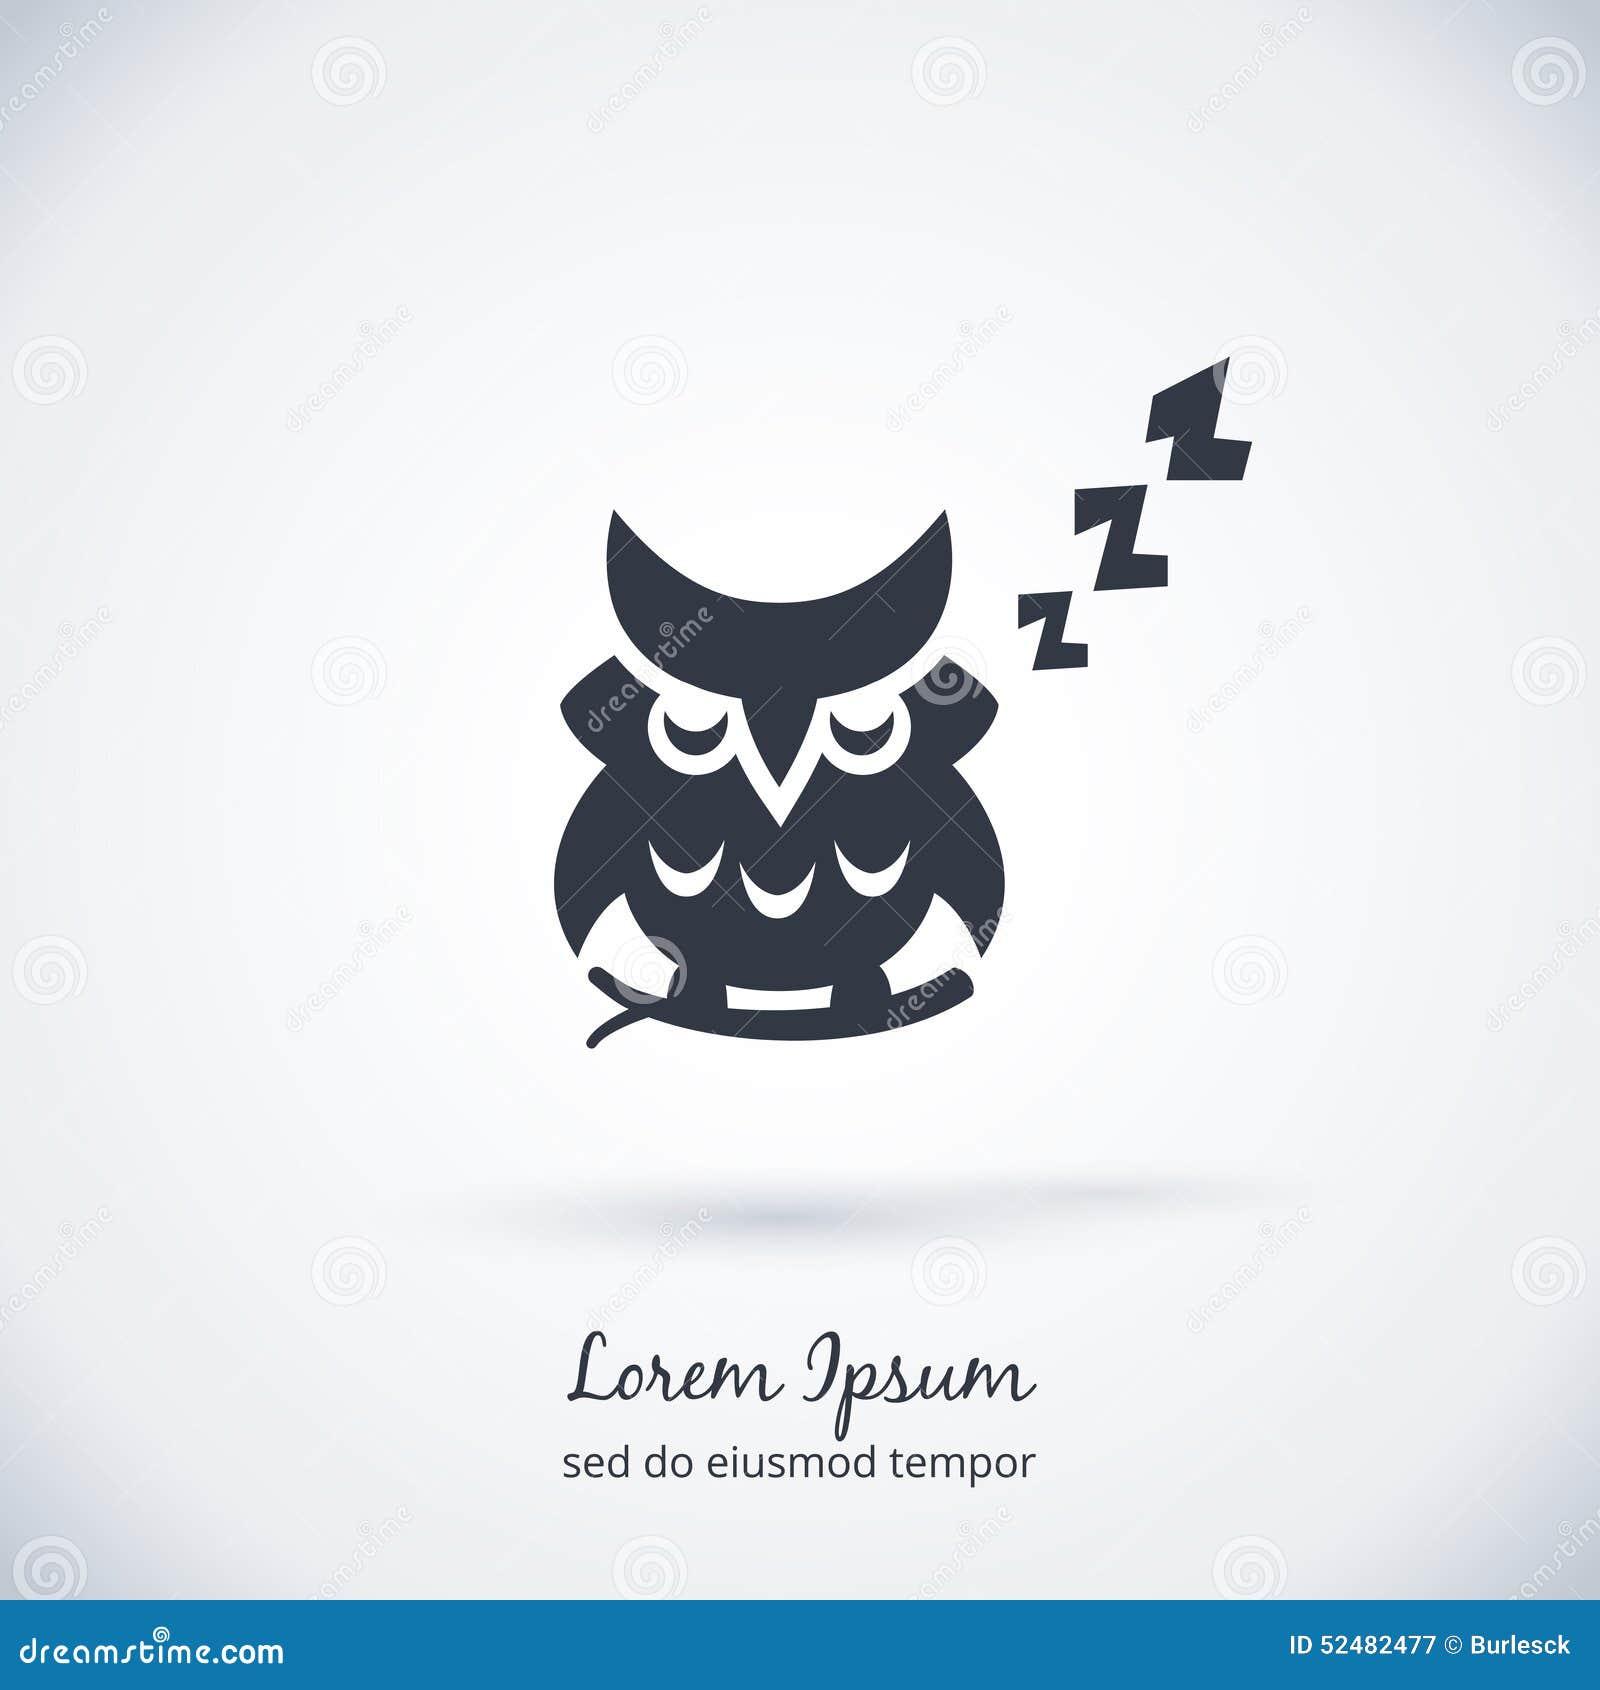 Sleeping owl logo. Dream concept icon